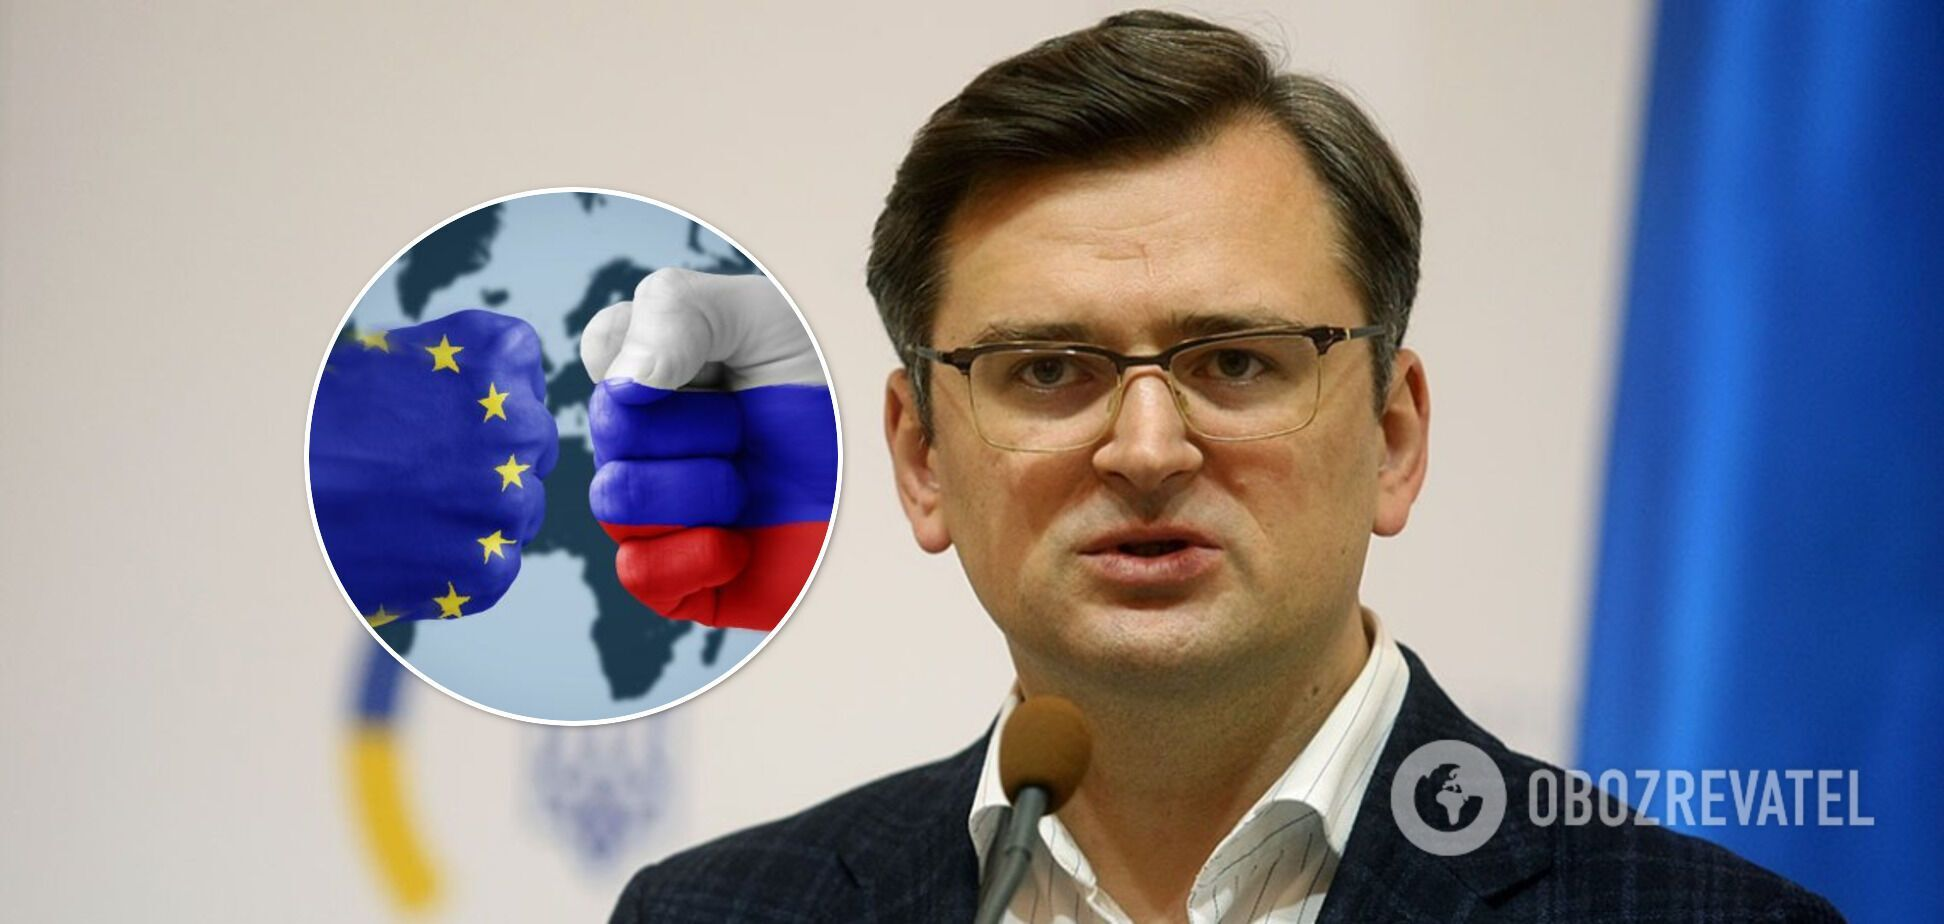 В Европарламенте утвердили доклад о пересмотре отношений ЕС и России: в Украине отреагировали